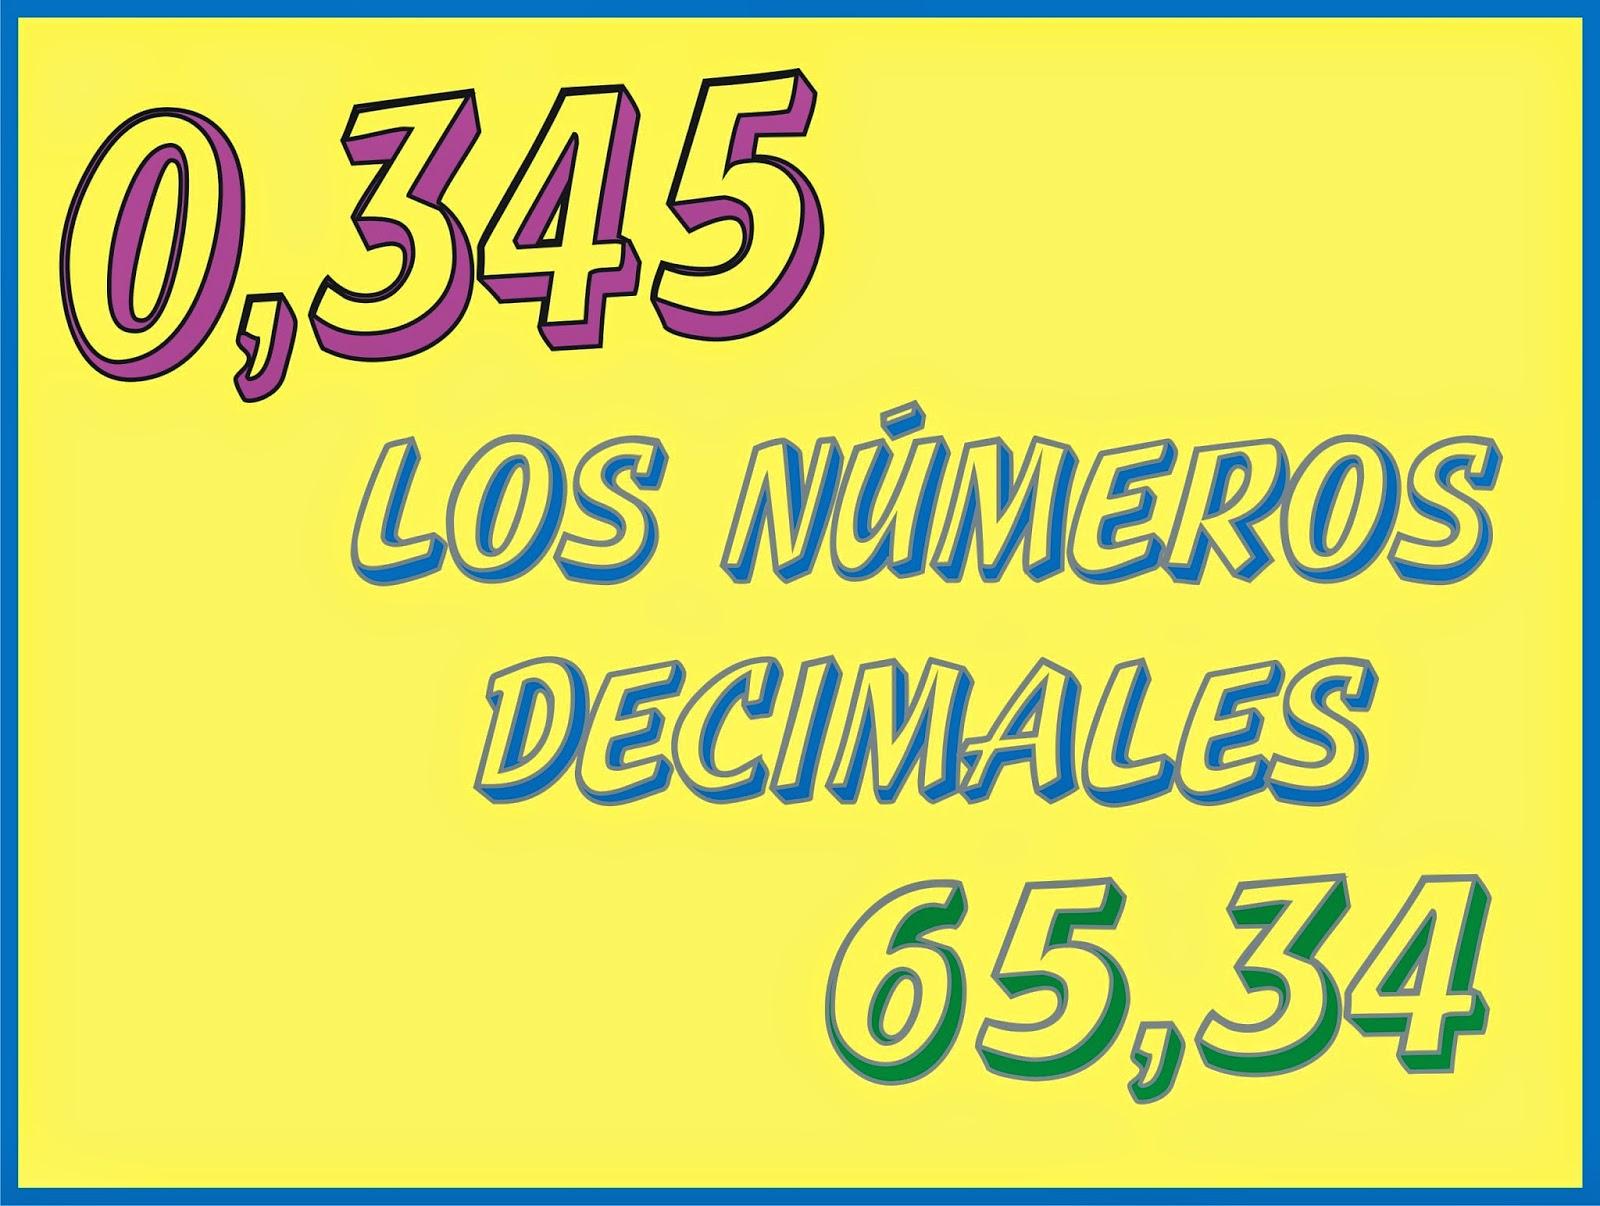 http://www.juntadeandalucia.es/averroes/ies_azahar/MATEMATICAS1/decimales/menu.html